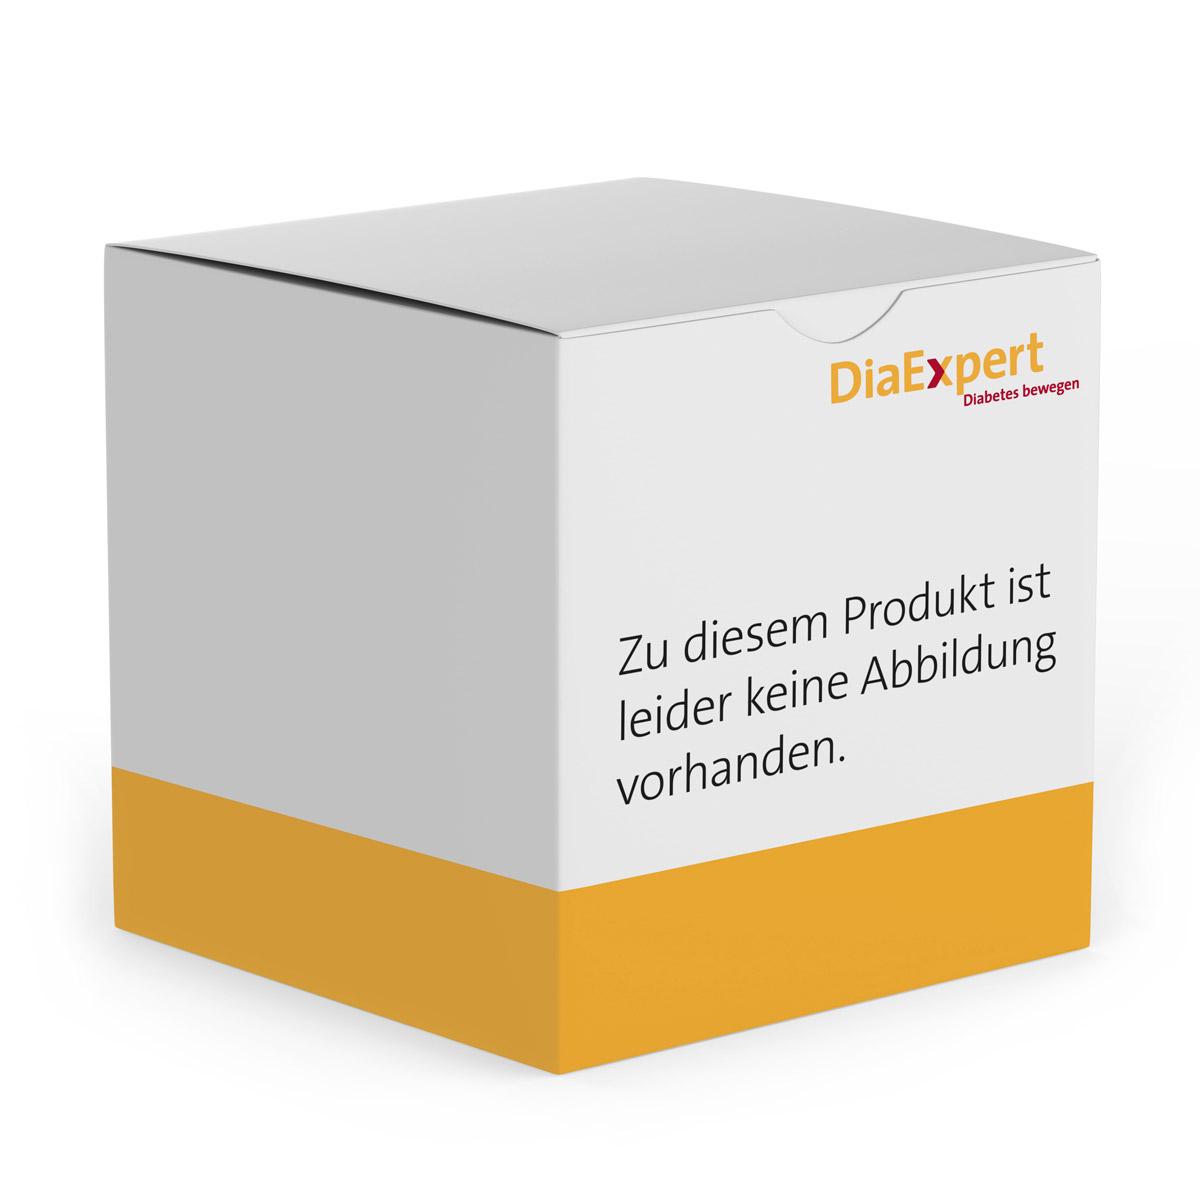 BD Micro-Fine U-100 Insulinspritzen 0,3ml